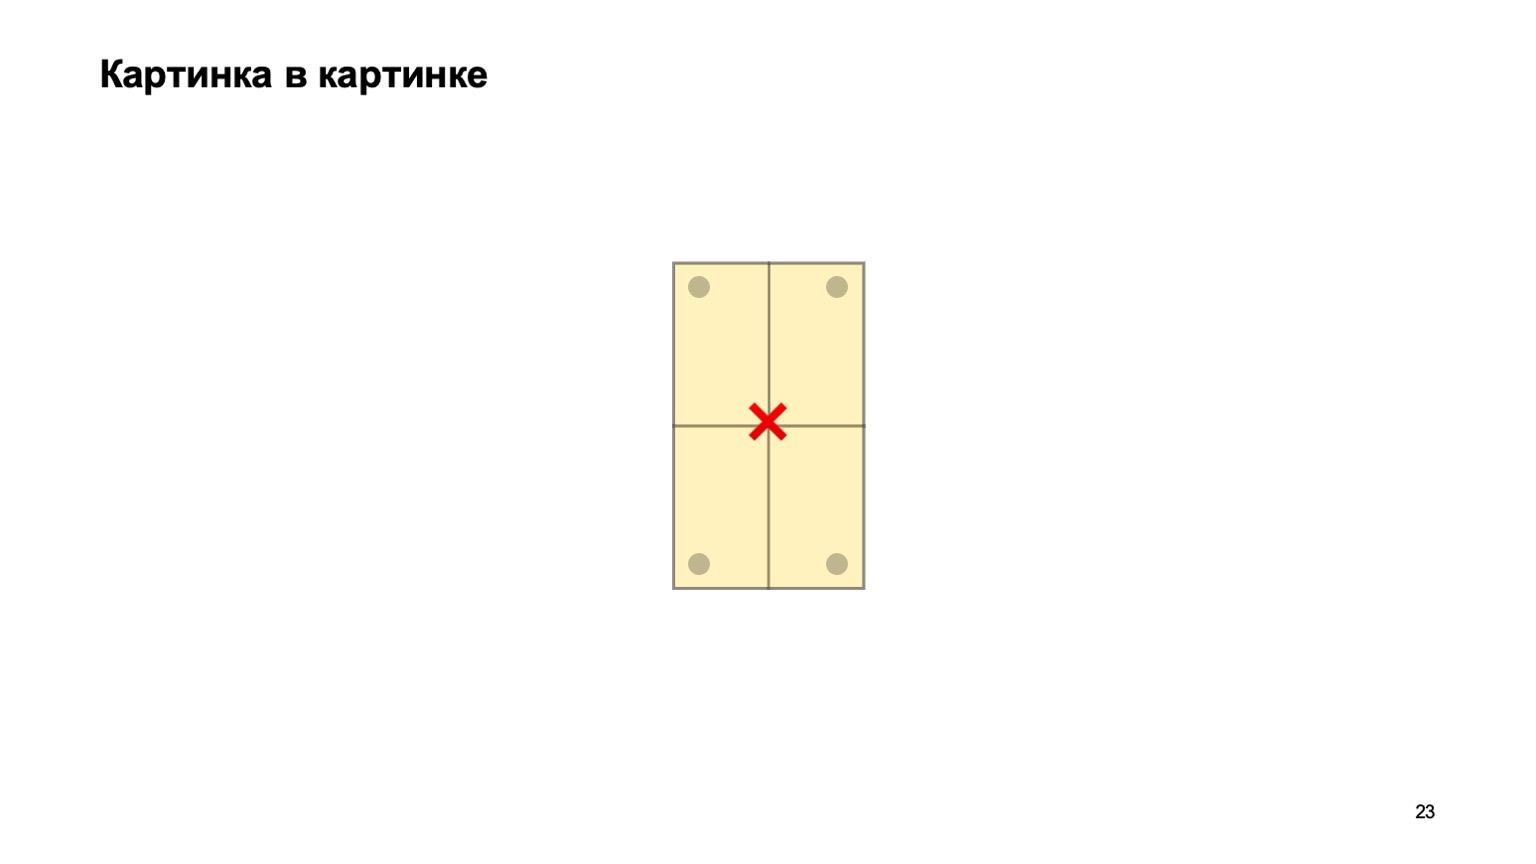 Мобильная разработка — это просто и скучно? Доклад Яндекса - 23